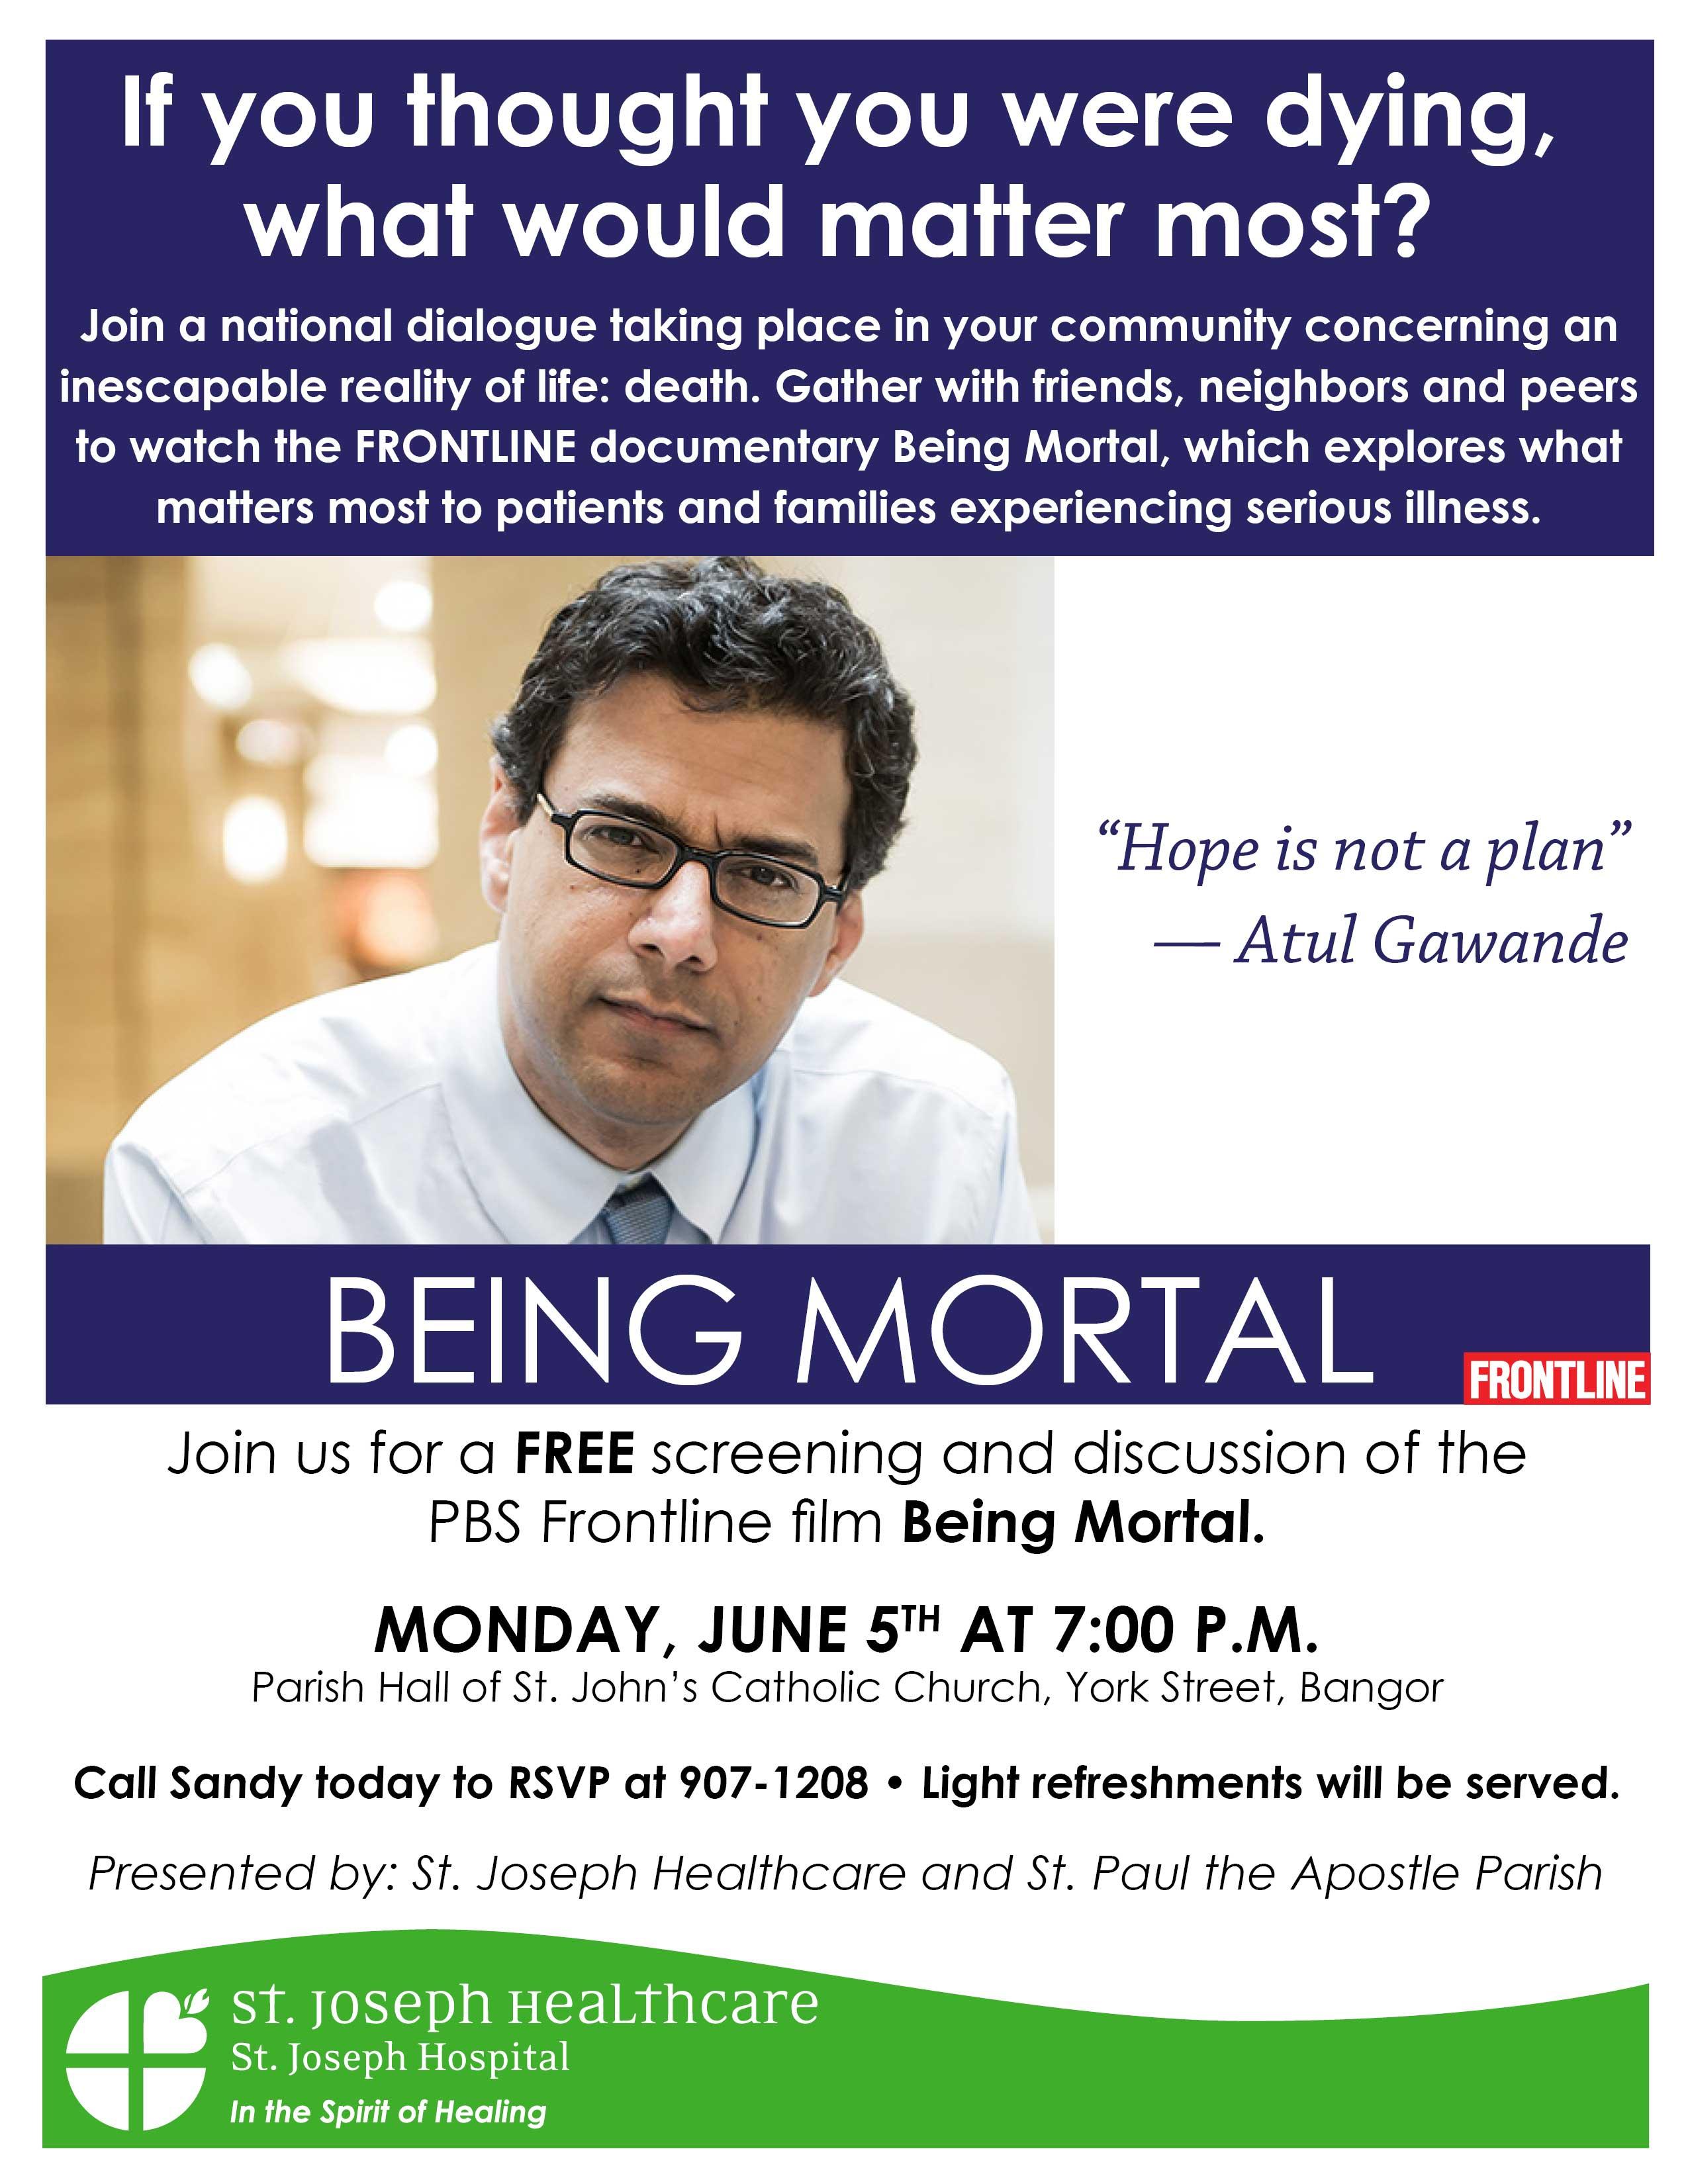 Being-Mortal-June-2017-